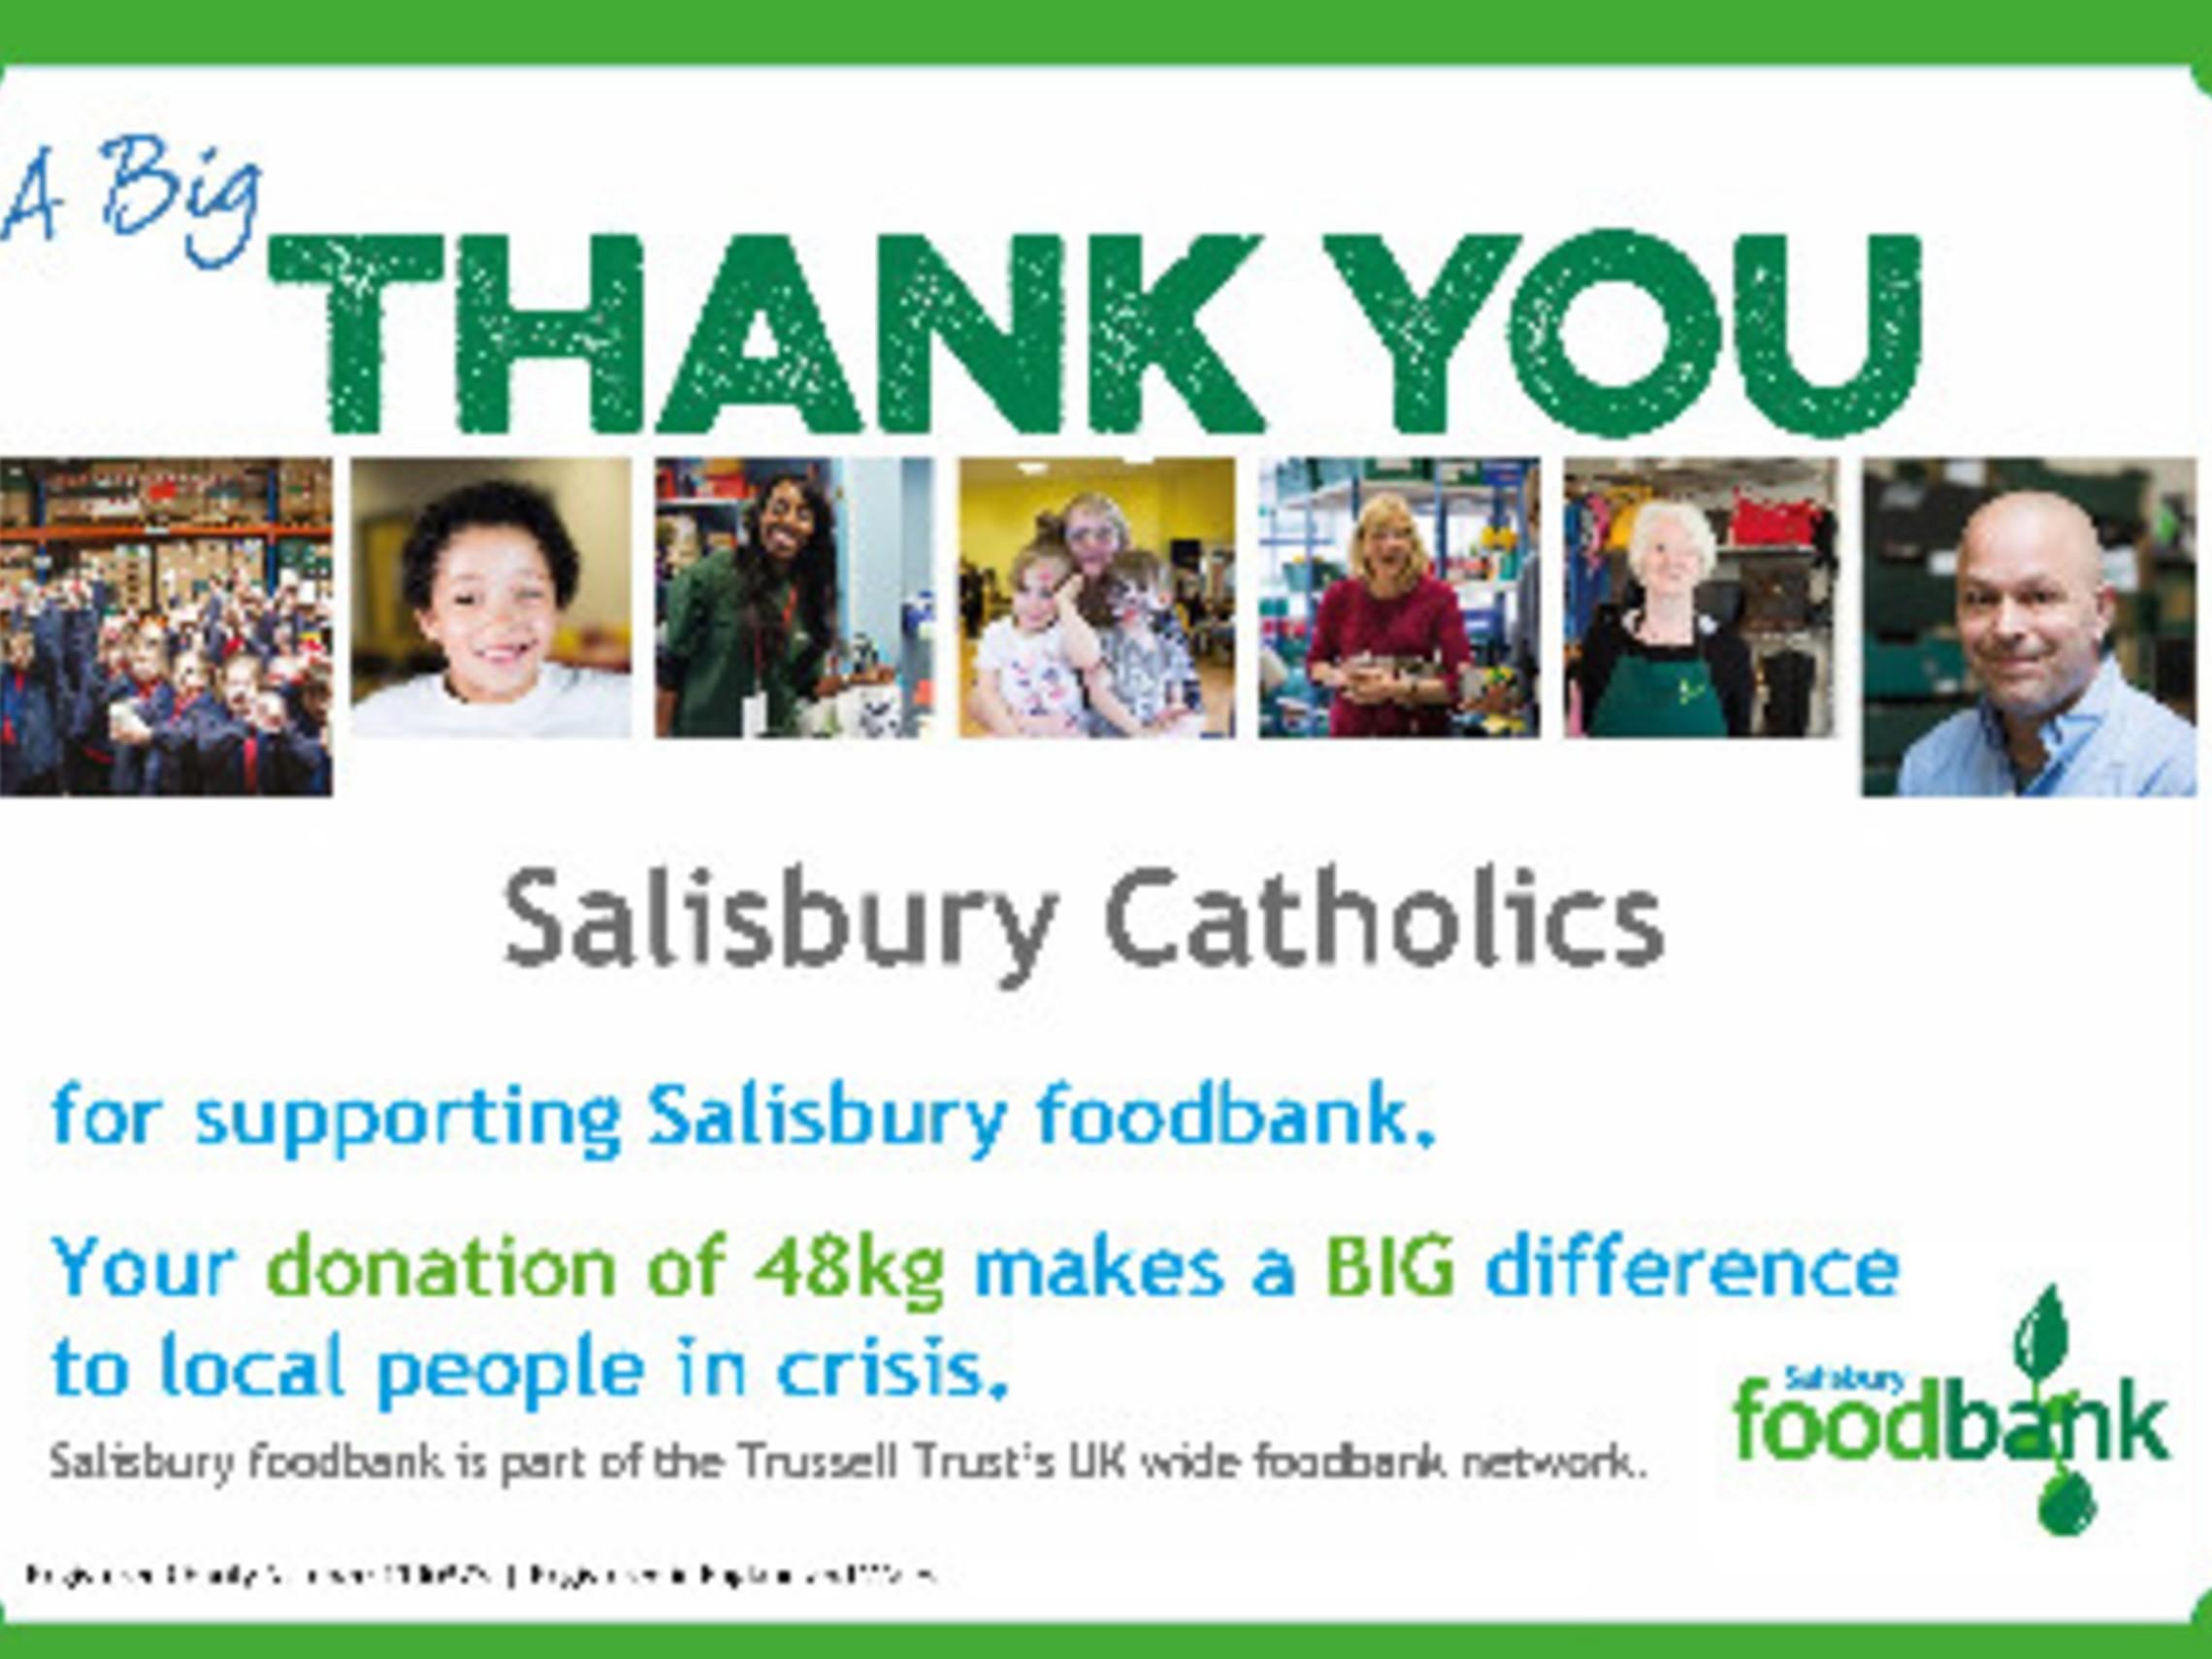 Salisbury Catholics Page 0 1